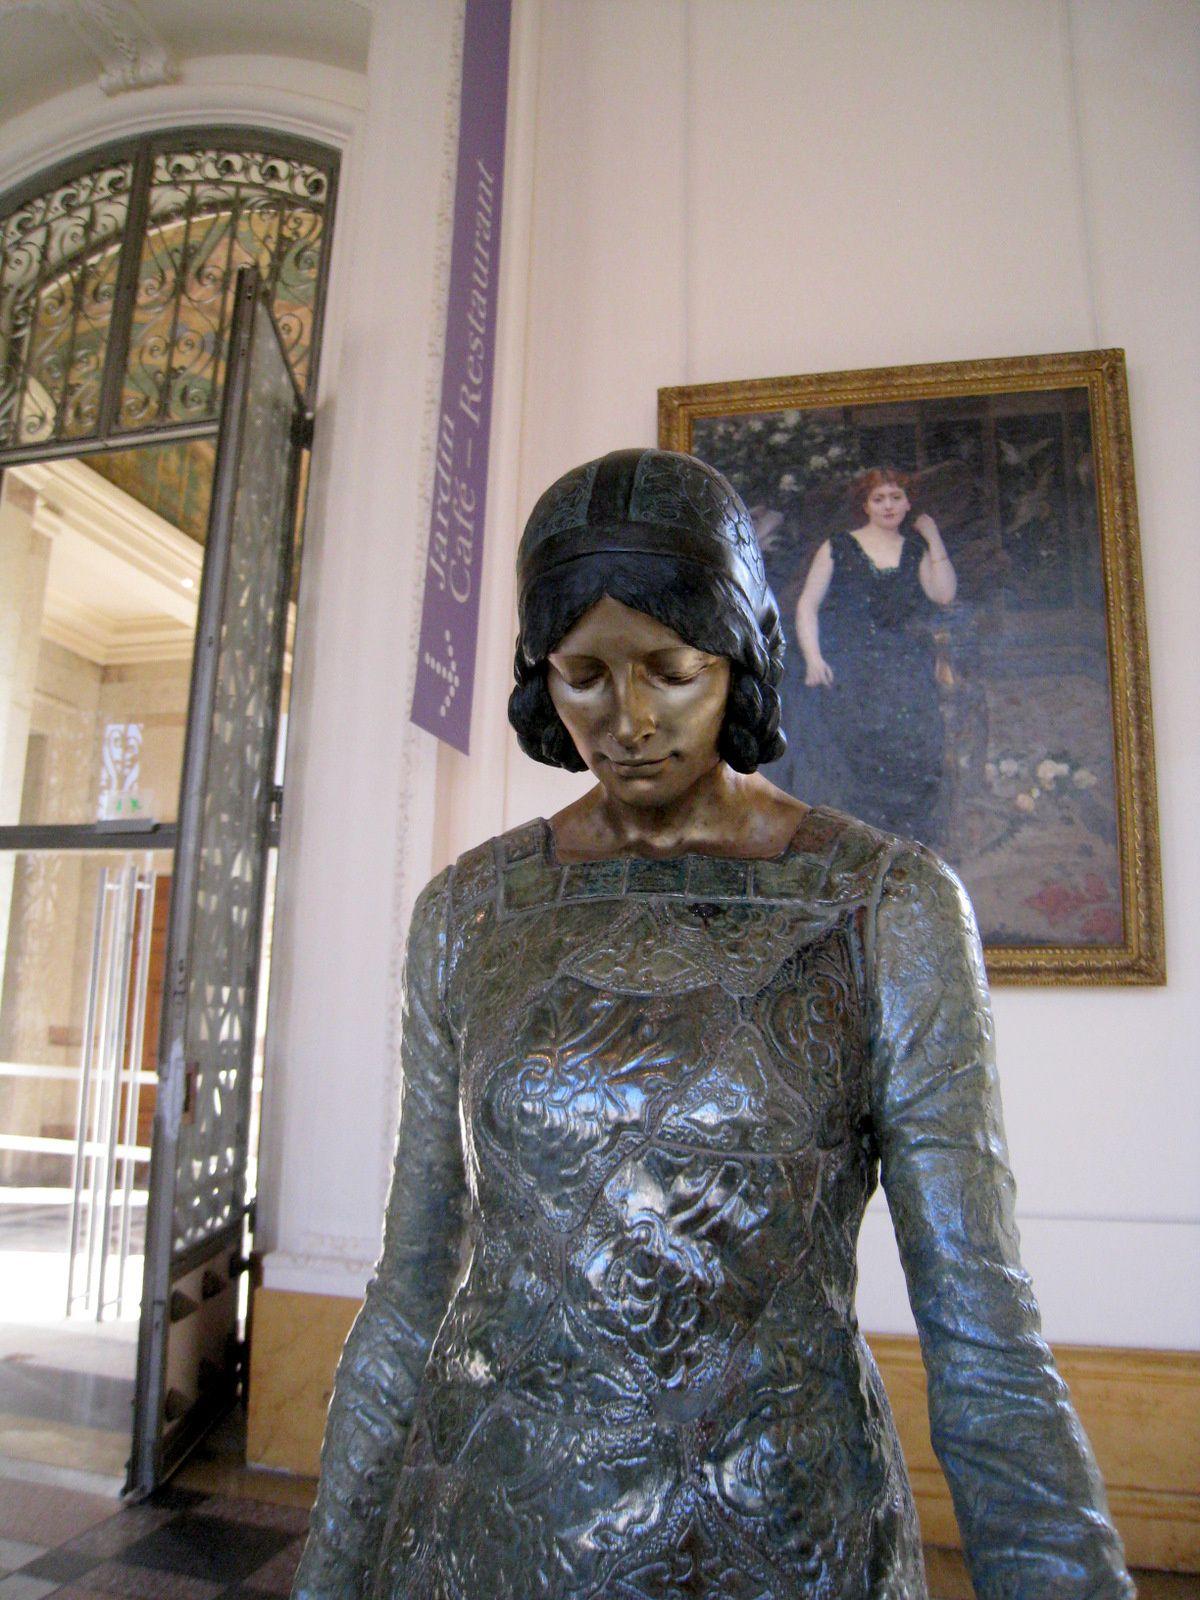 La femme au singe, statue par Camille Alaphilippe